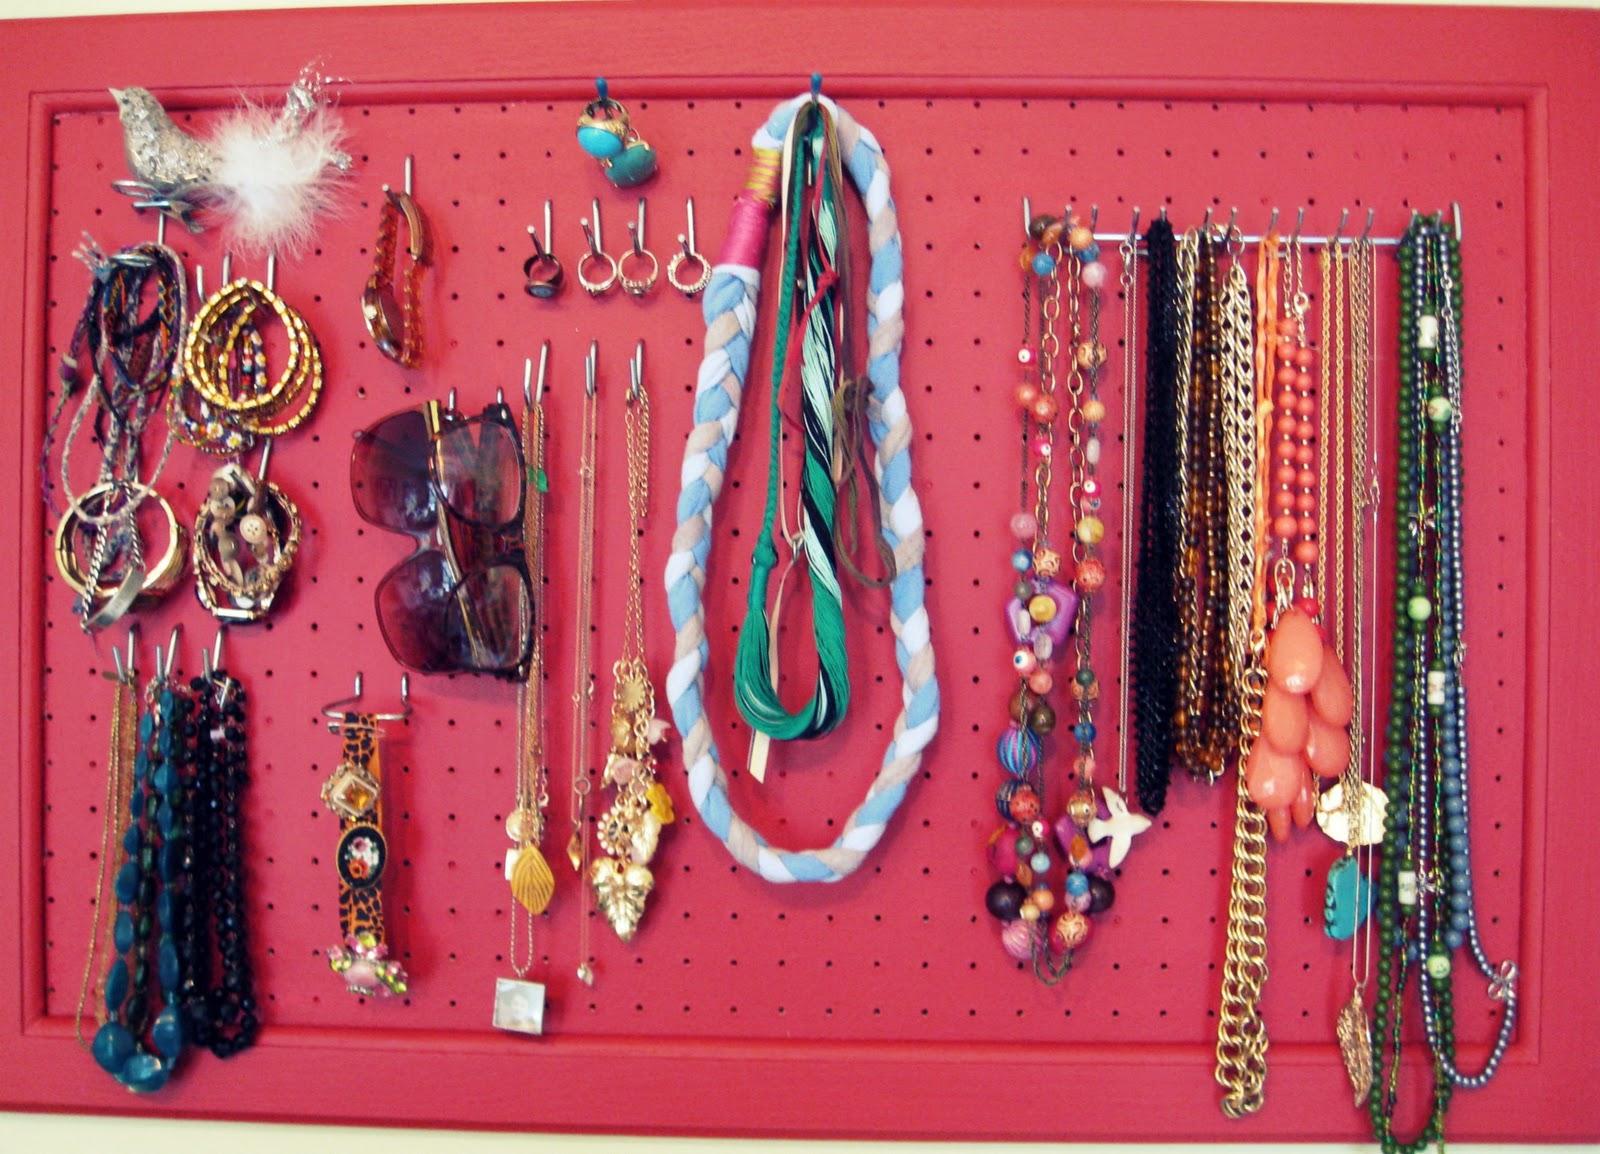 diy peg board jewelry display peg board jewelry